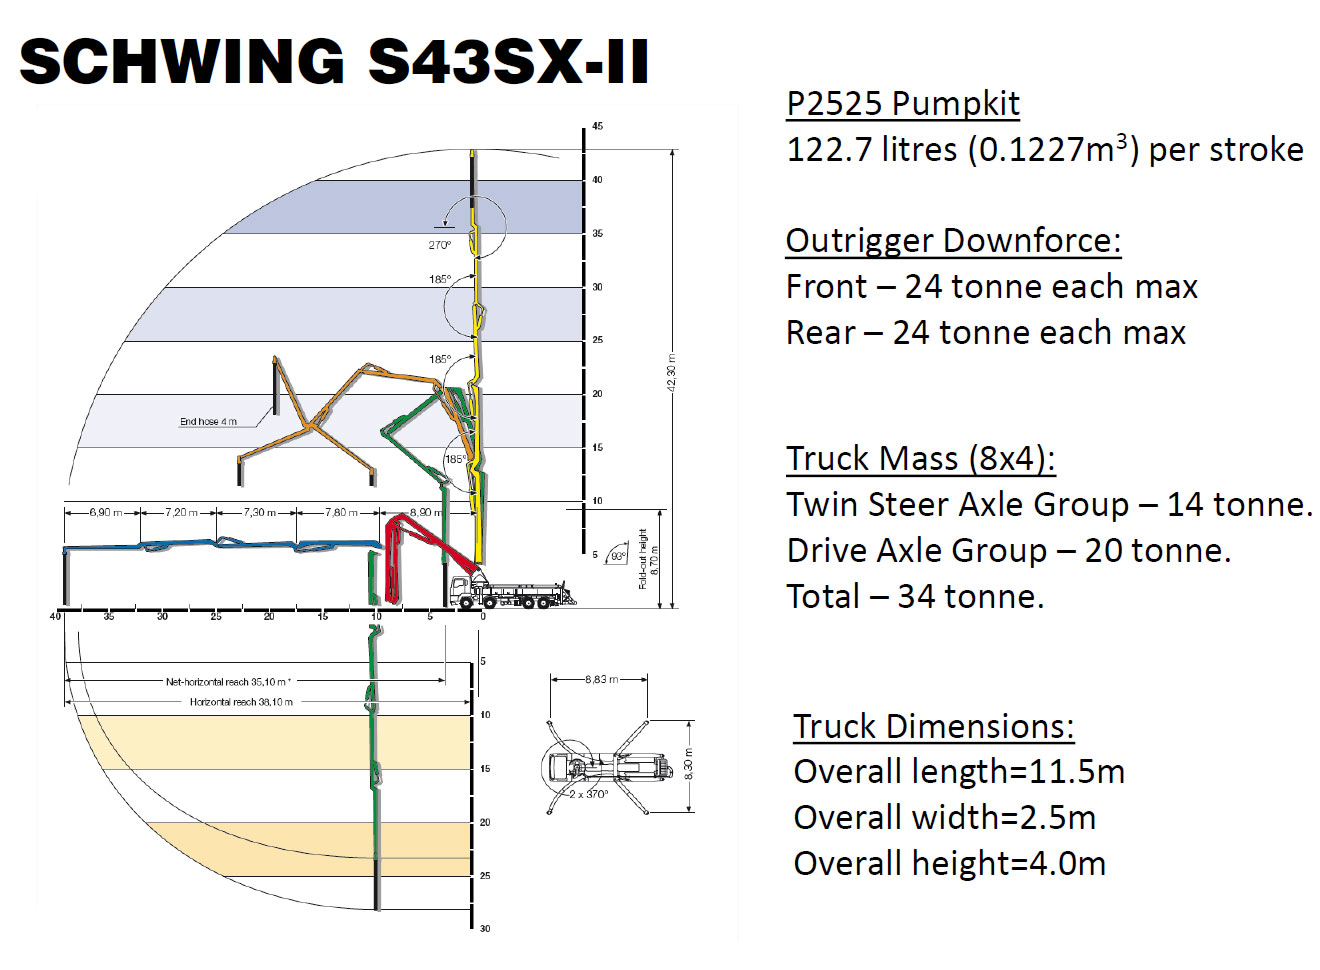 Schwing S43SX-II Boom Pump Specs